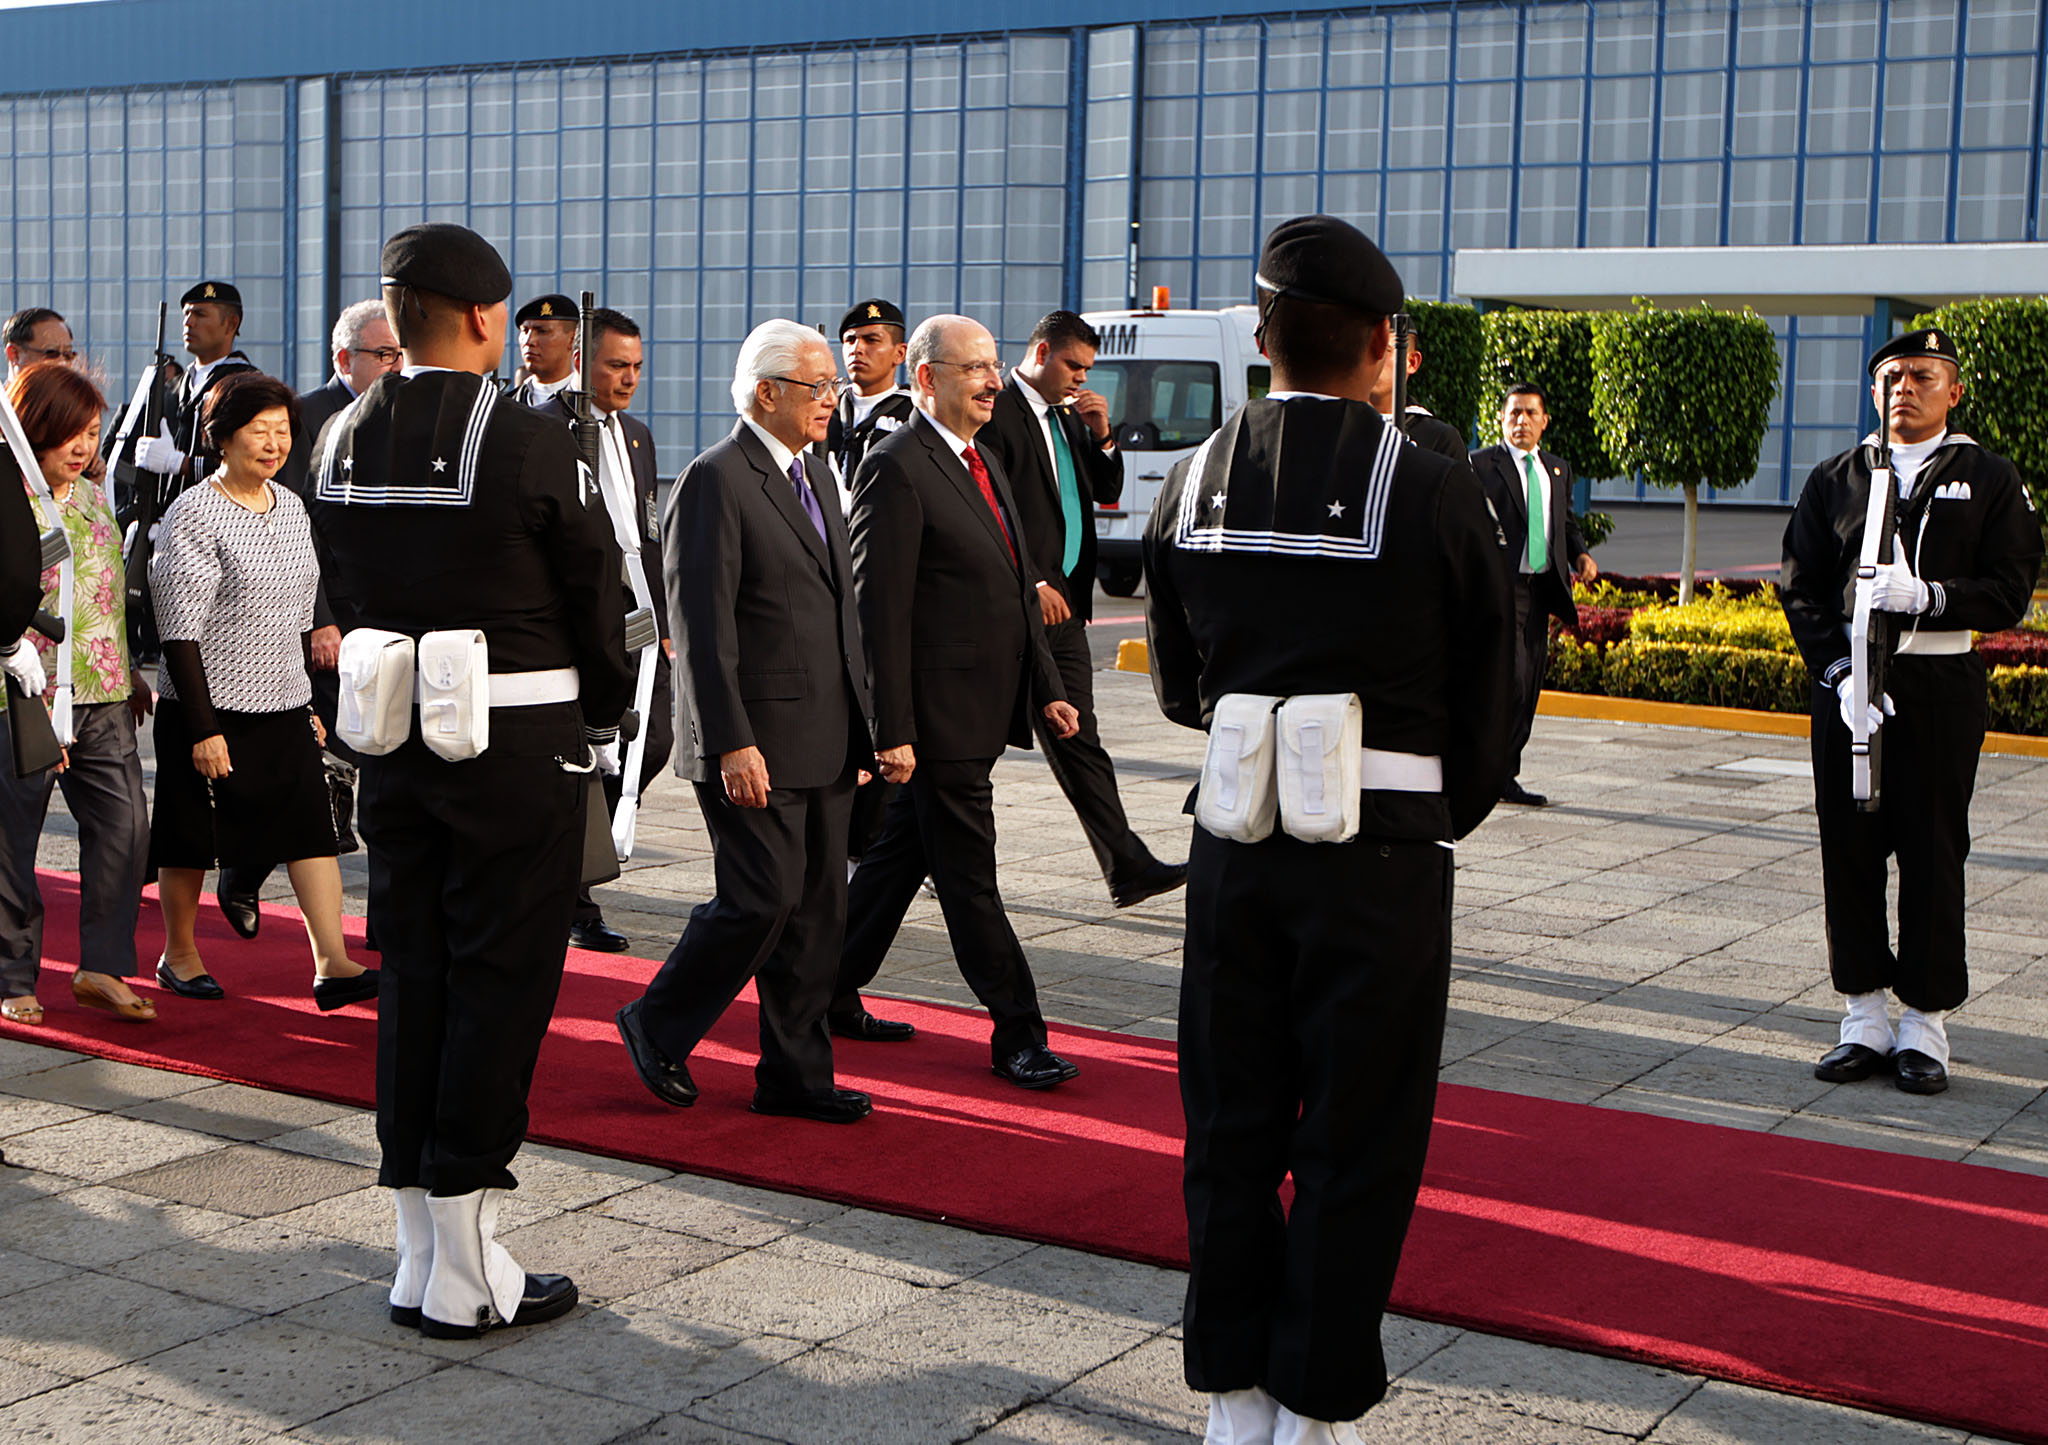 El Presidente de Singapur, Tony Tan Keng Yam, arribó a la Ciudad de México para realizar una visita de Estado a nuestro país.